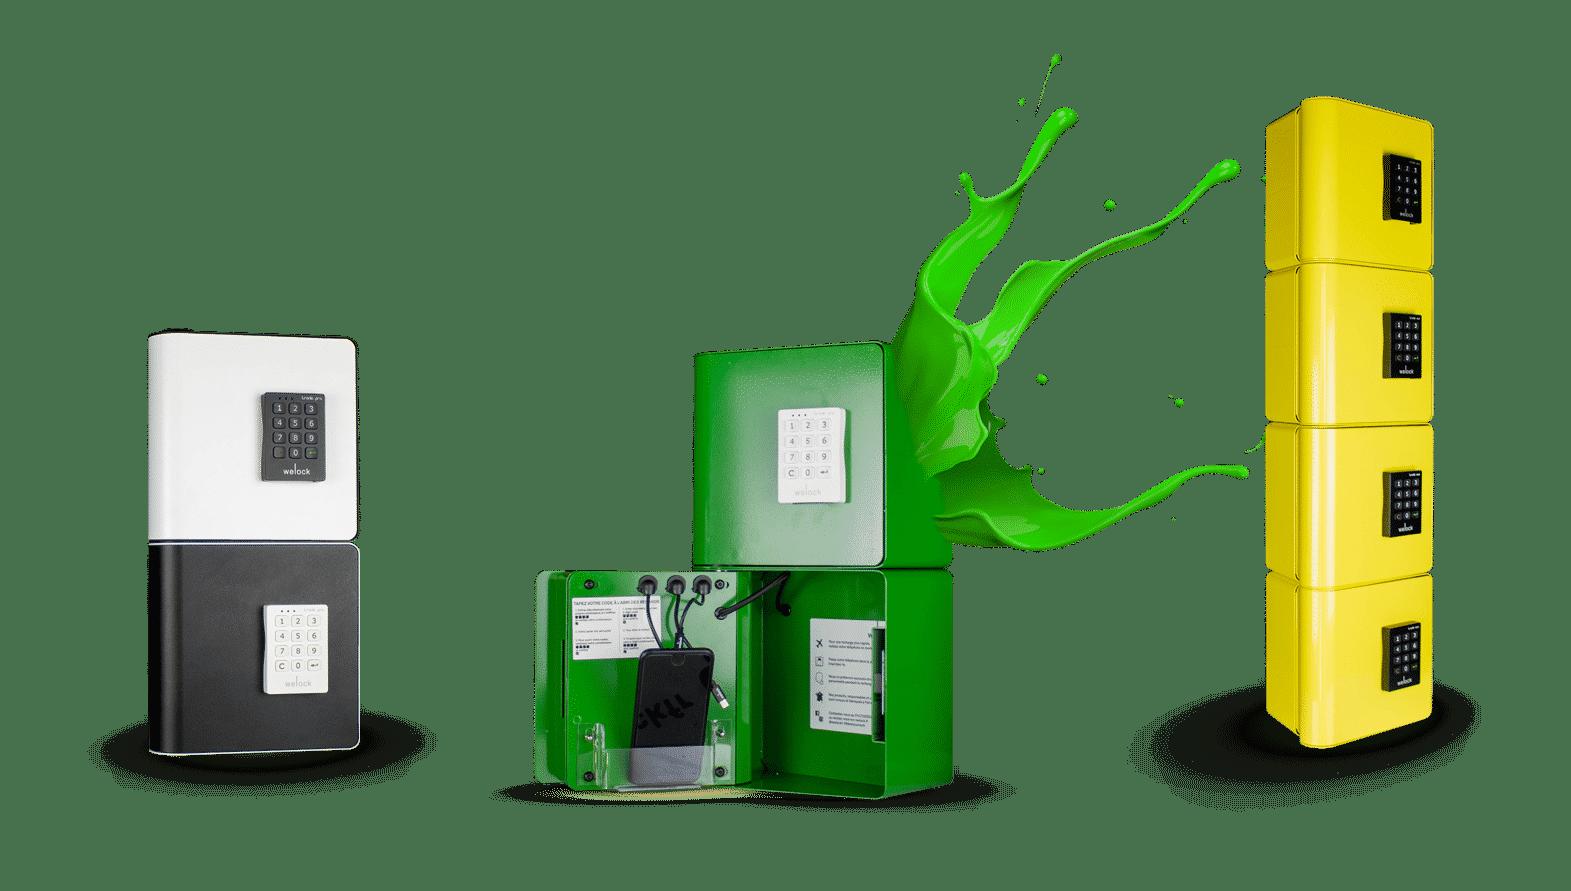 Station de recharge pour téléphones portables - Welock